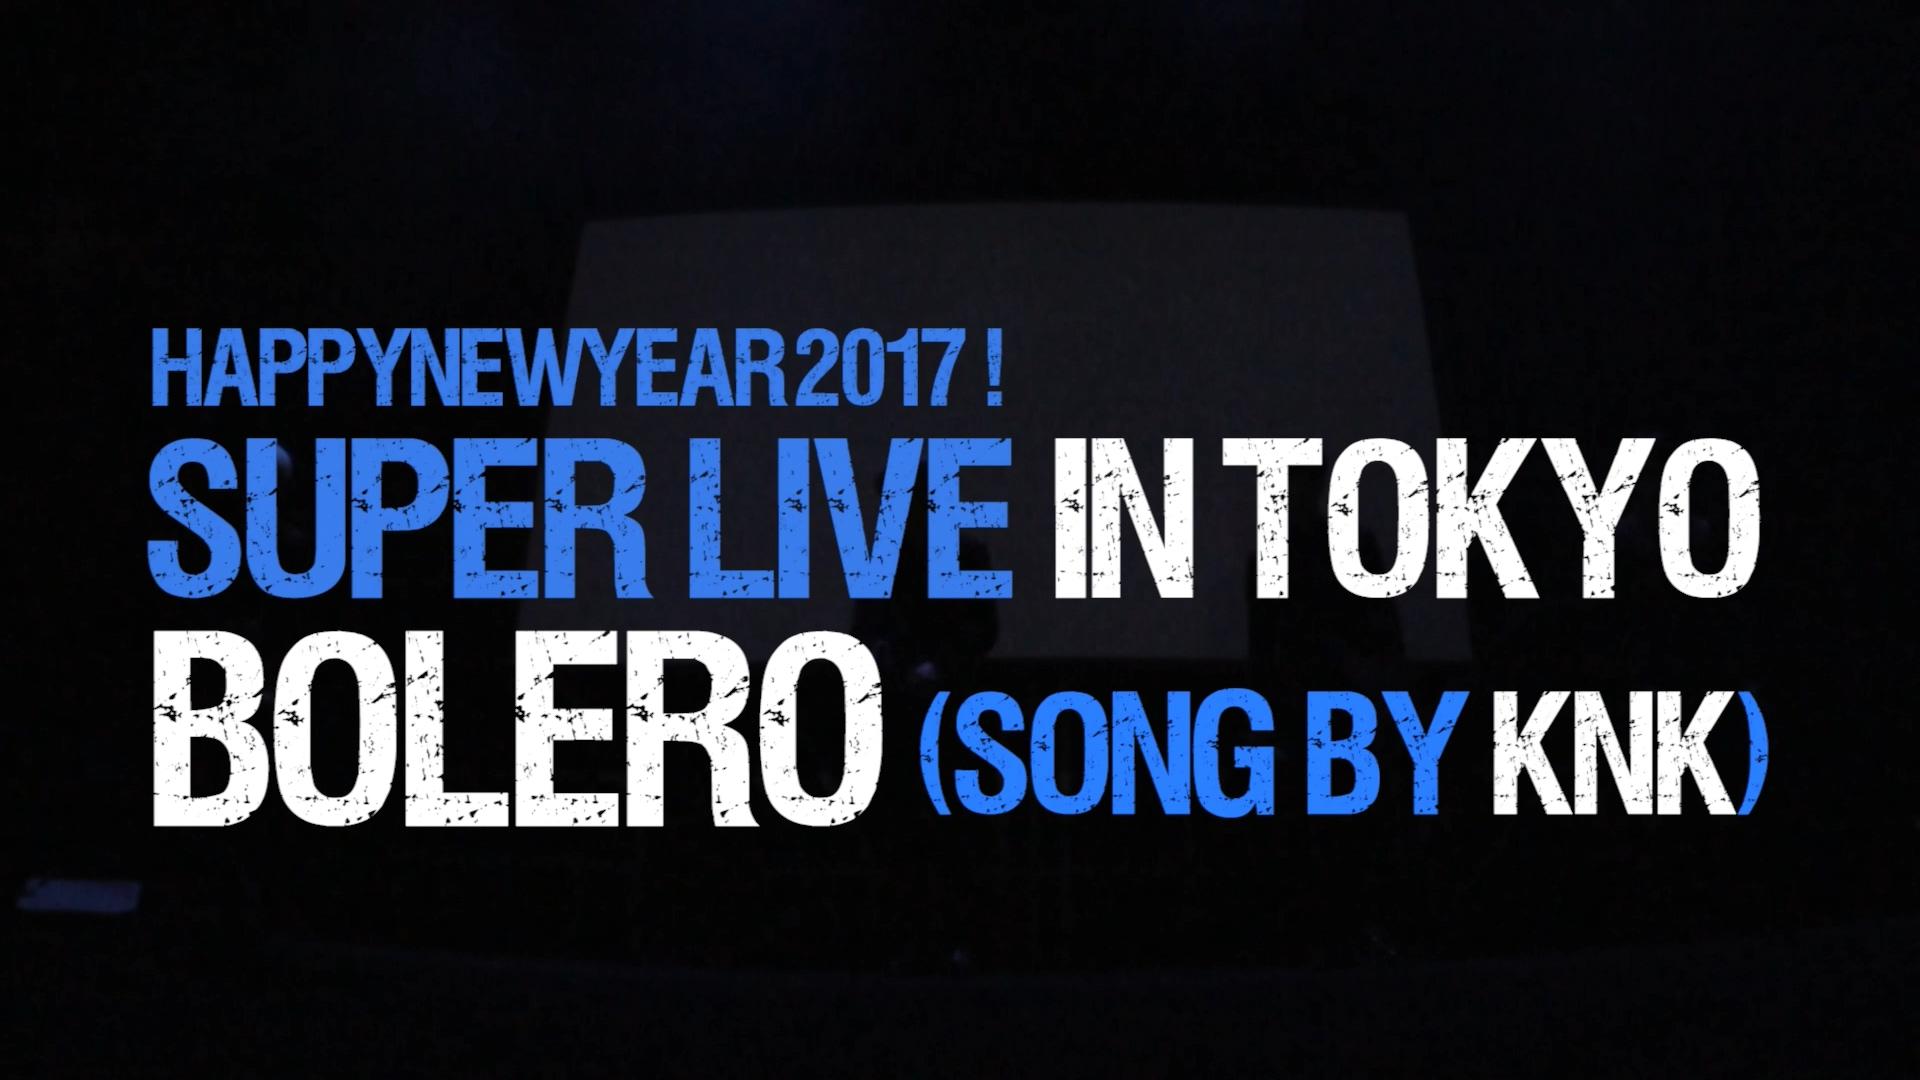 [KNK Super Live in Tokyo] Bolero (Song by KNK)